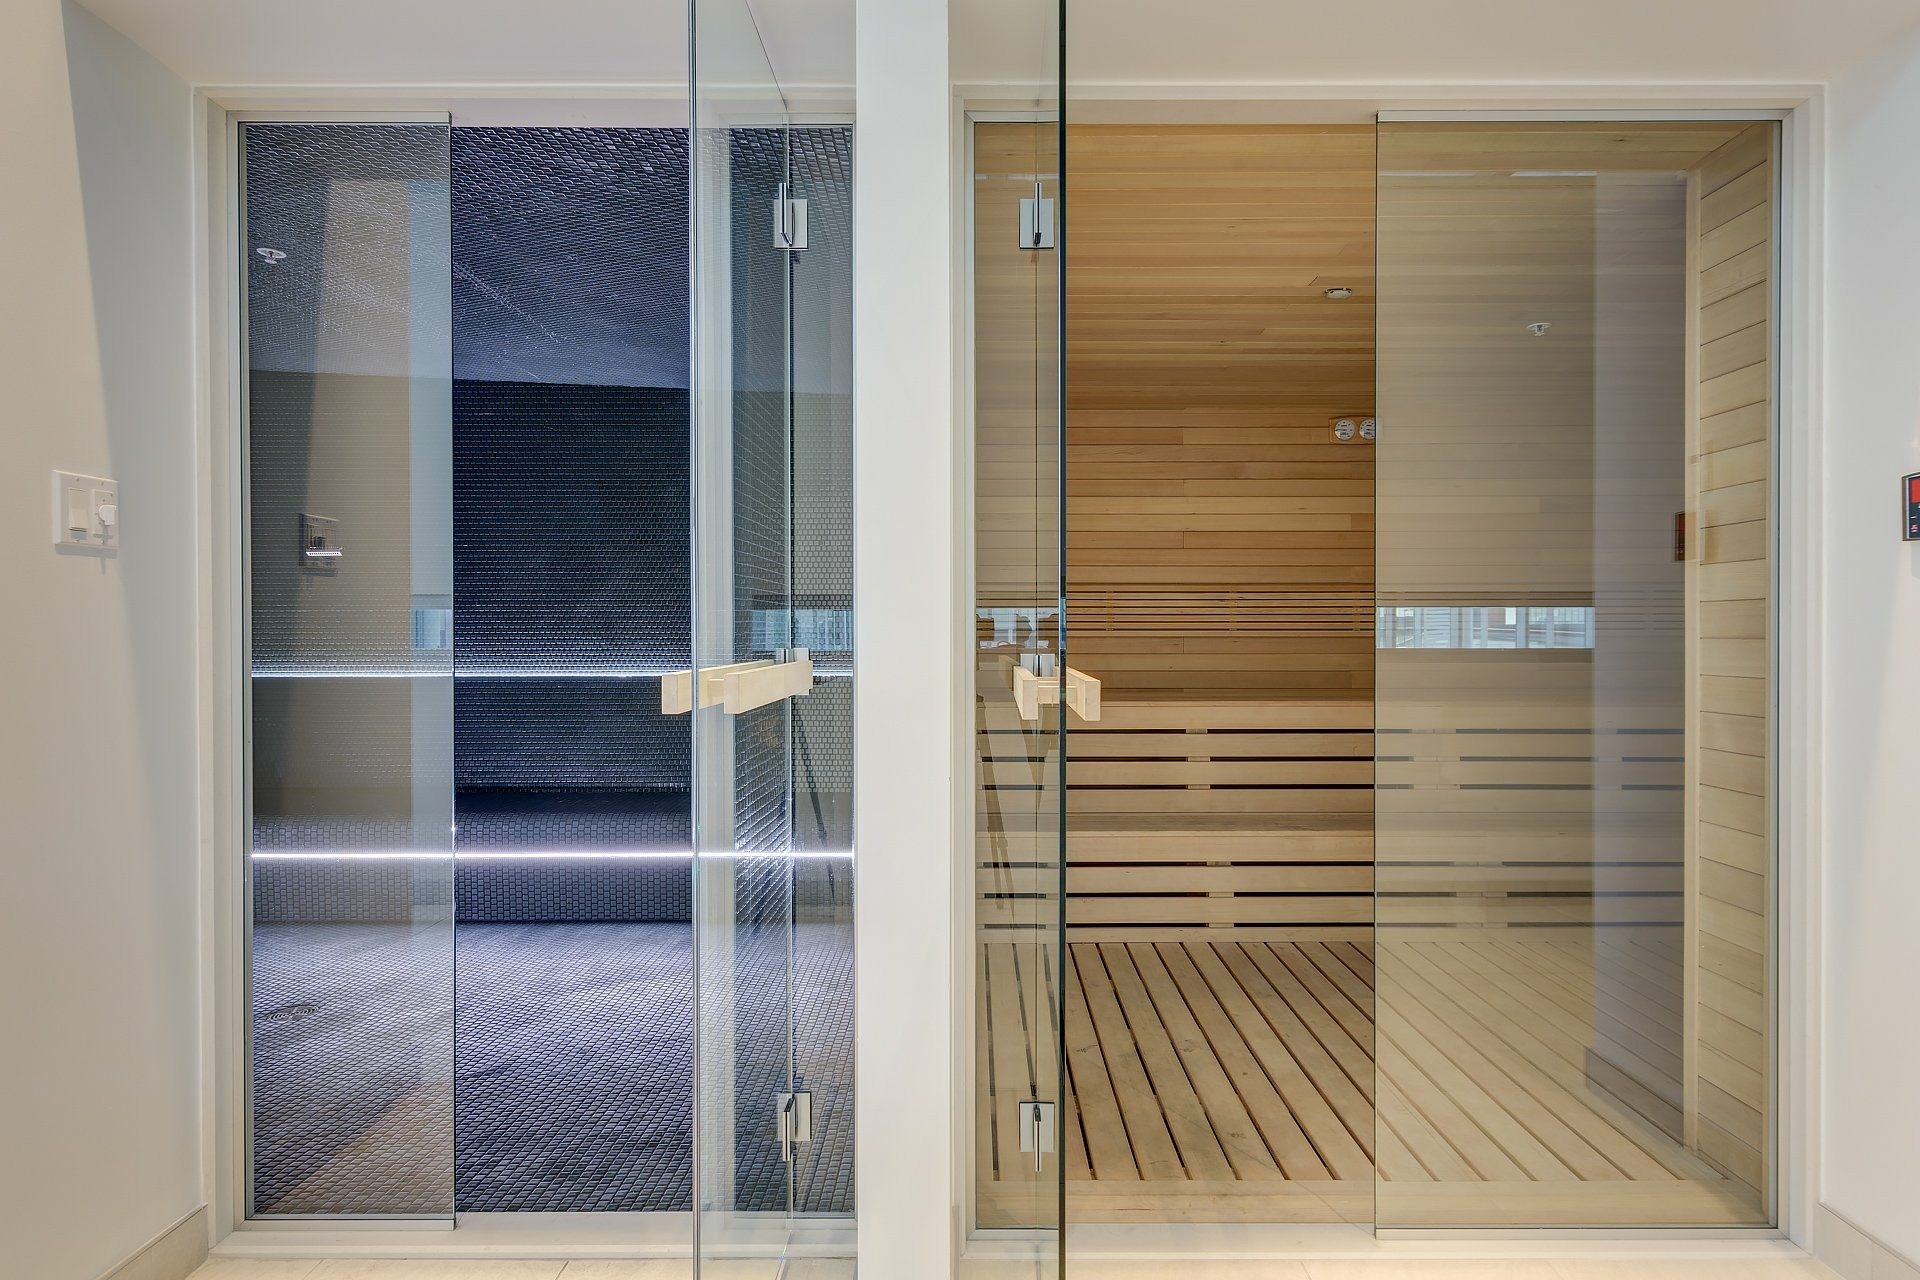 image 8 - Apartment For sale Montréal Ville-Marie  - 4 rooms